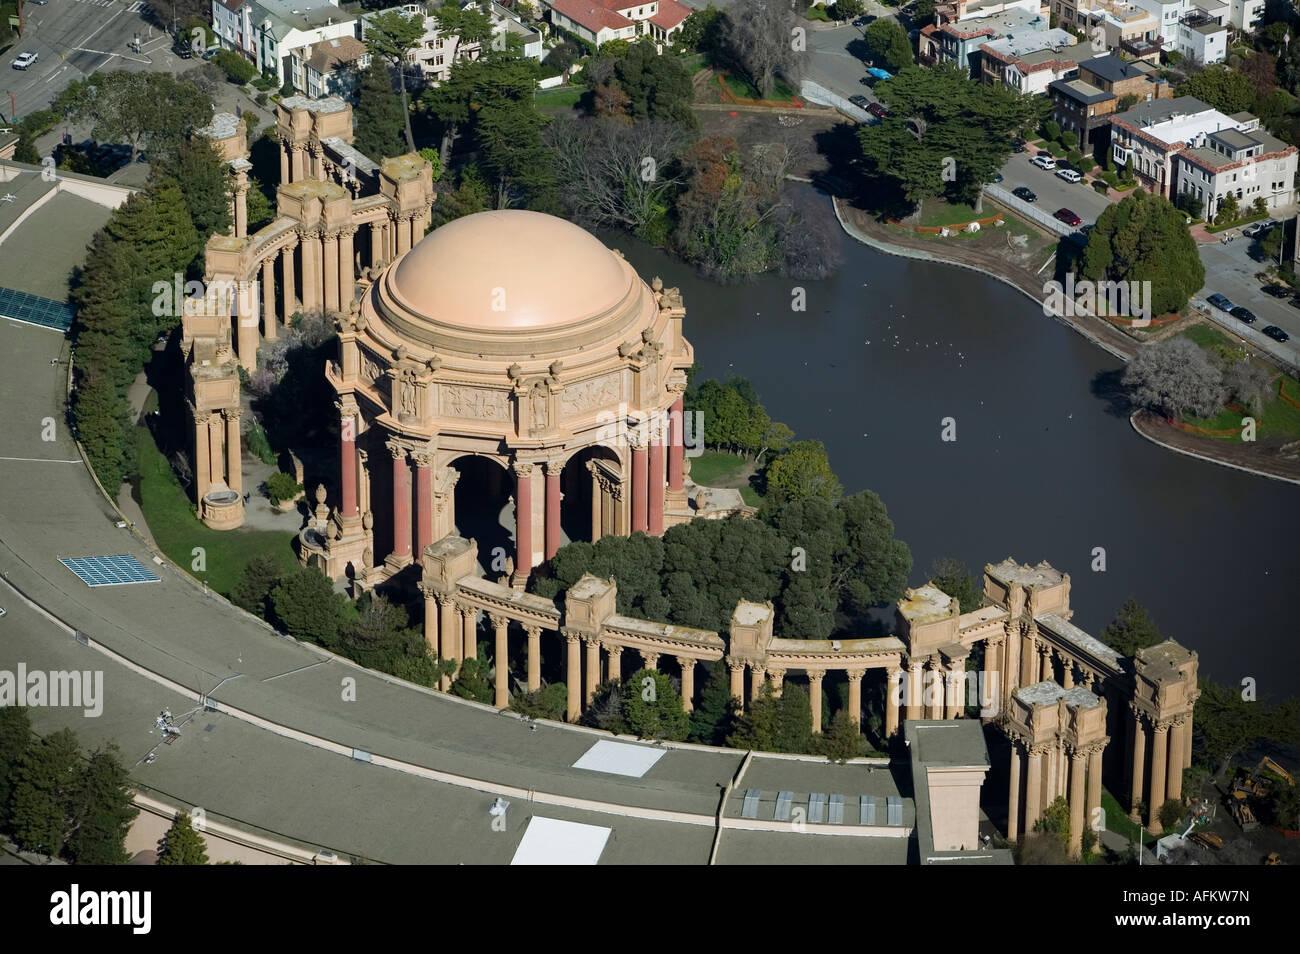 Luftaufnahme über dem Palast der schönen Künste, Exploratorium in San Francisco CA Stockbild